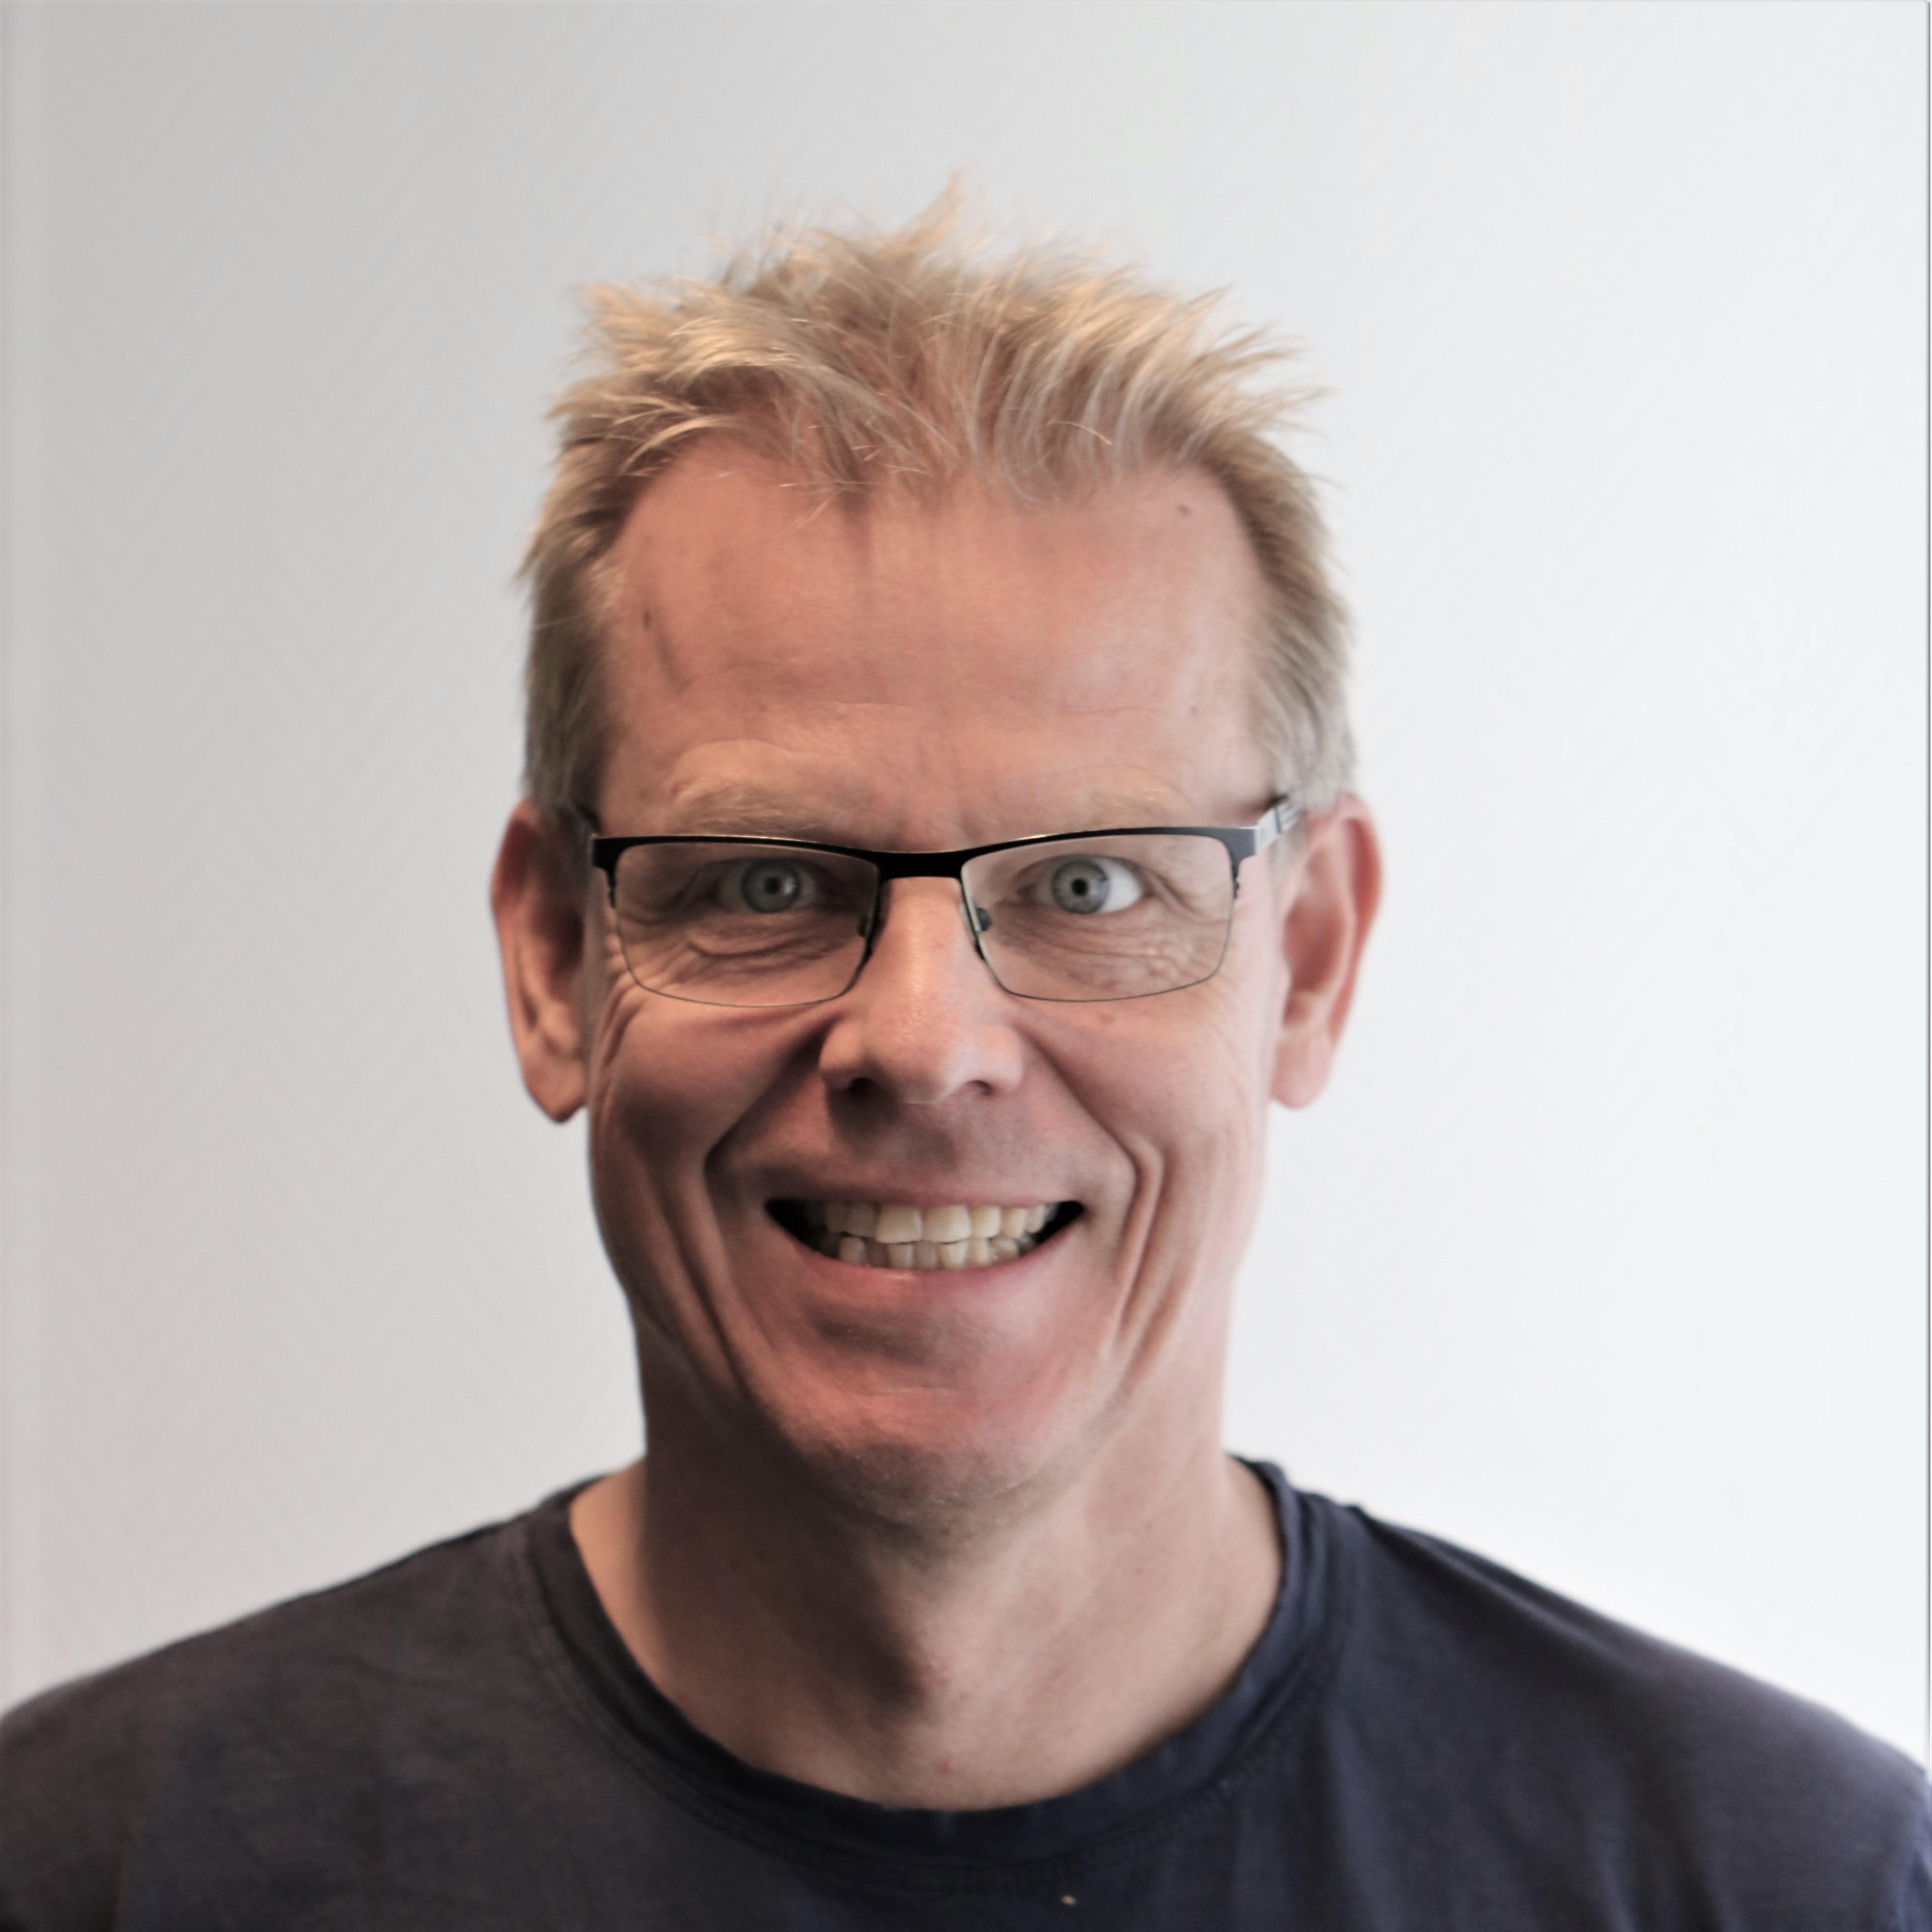 Et portrett av en smilende mann med briller og lyst hår.